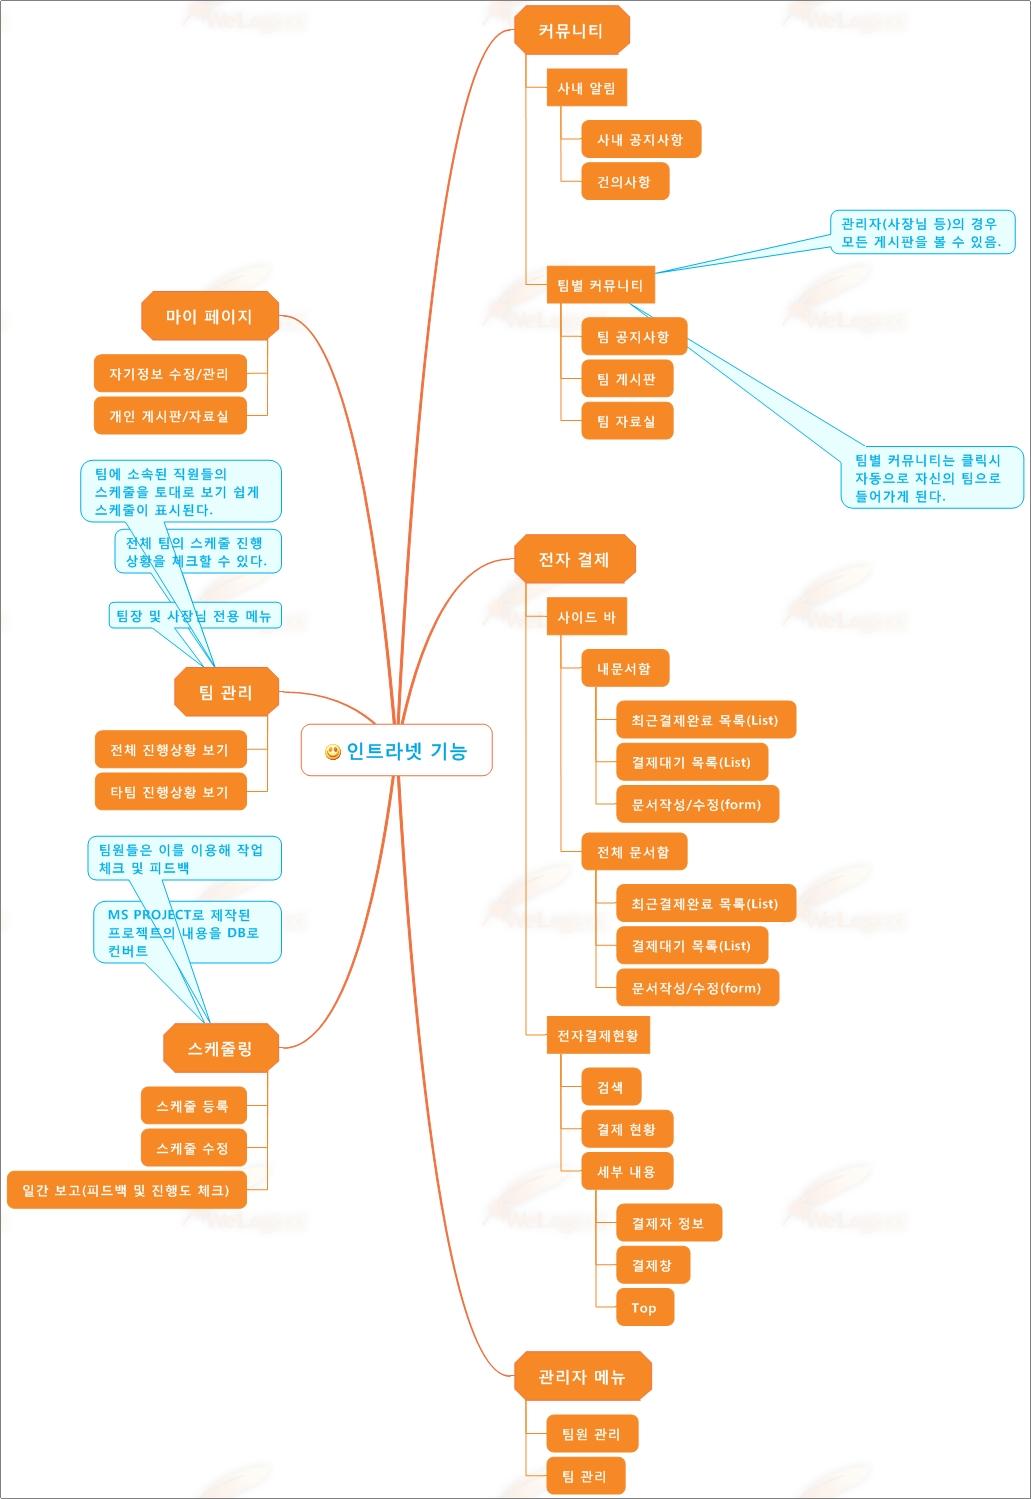 인트라넷 기능 & 화면 & 메뉴 설계